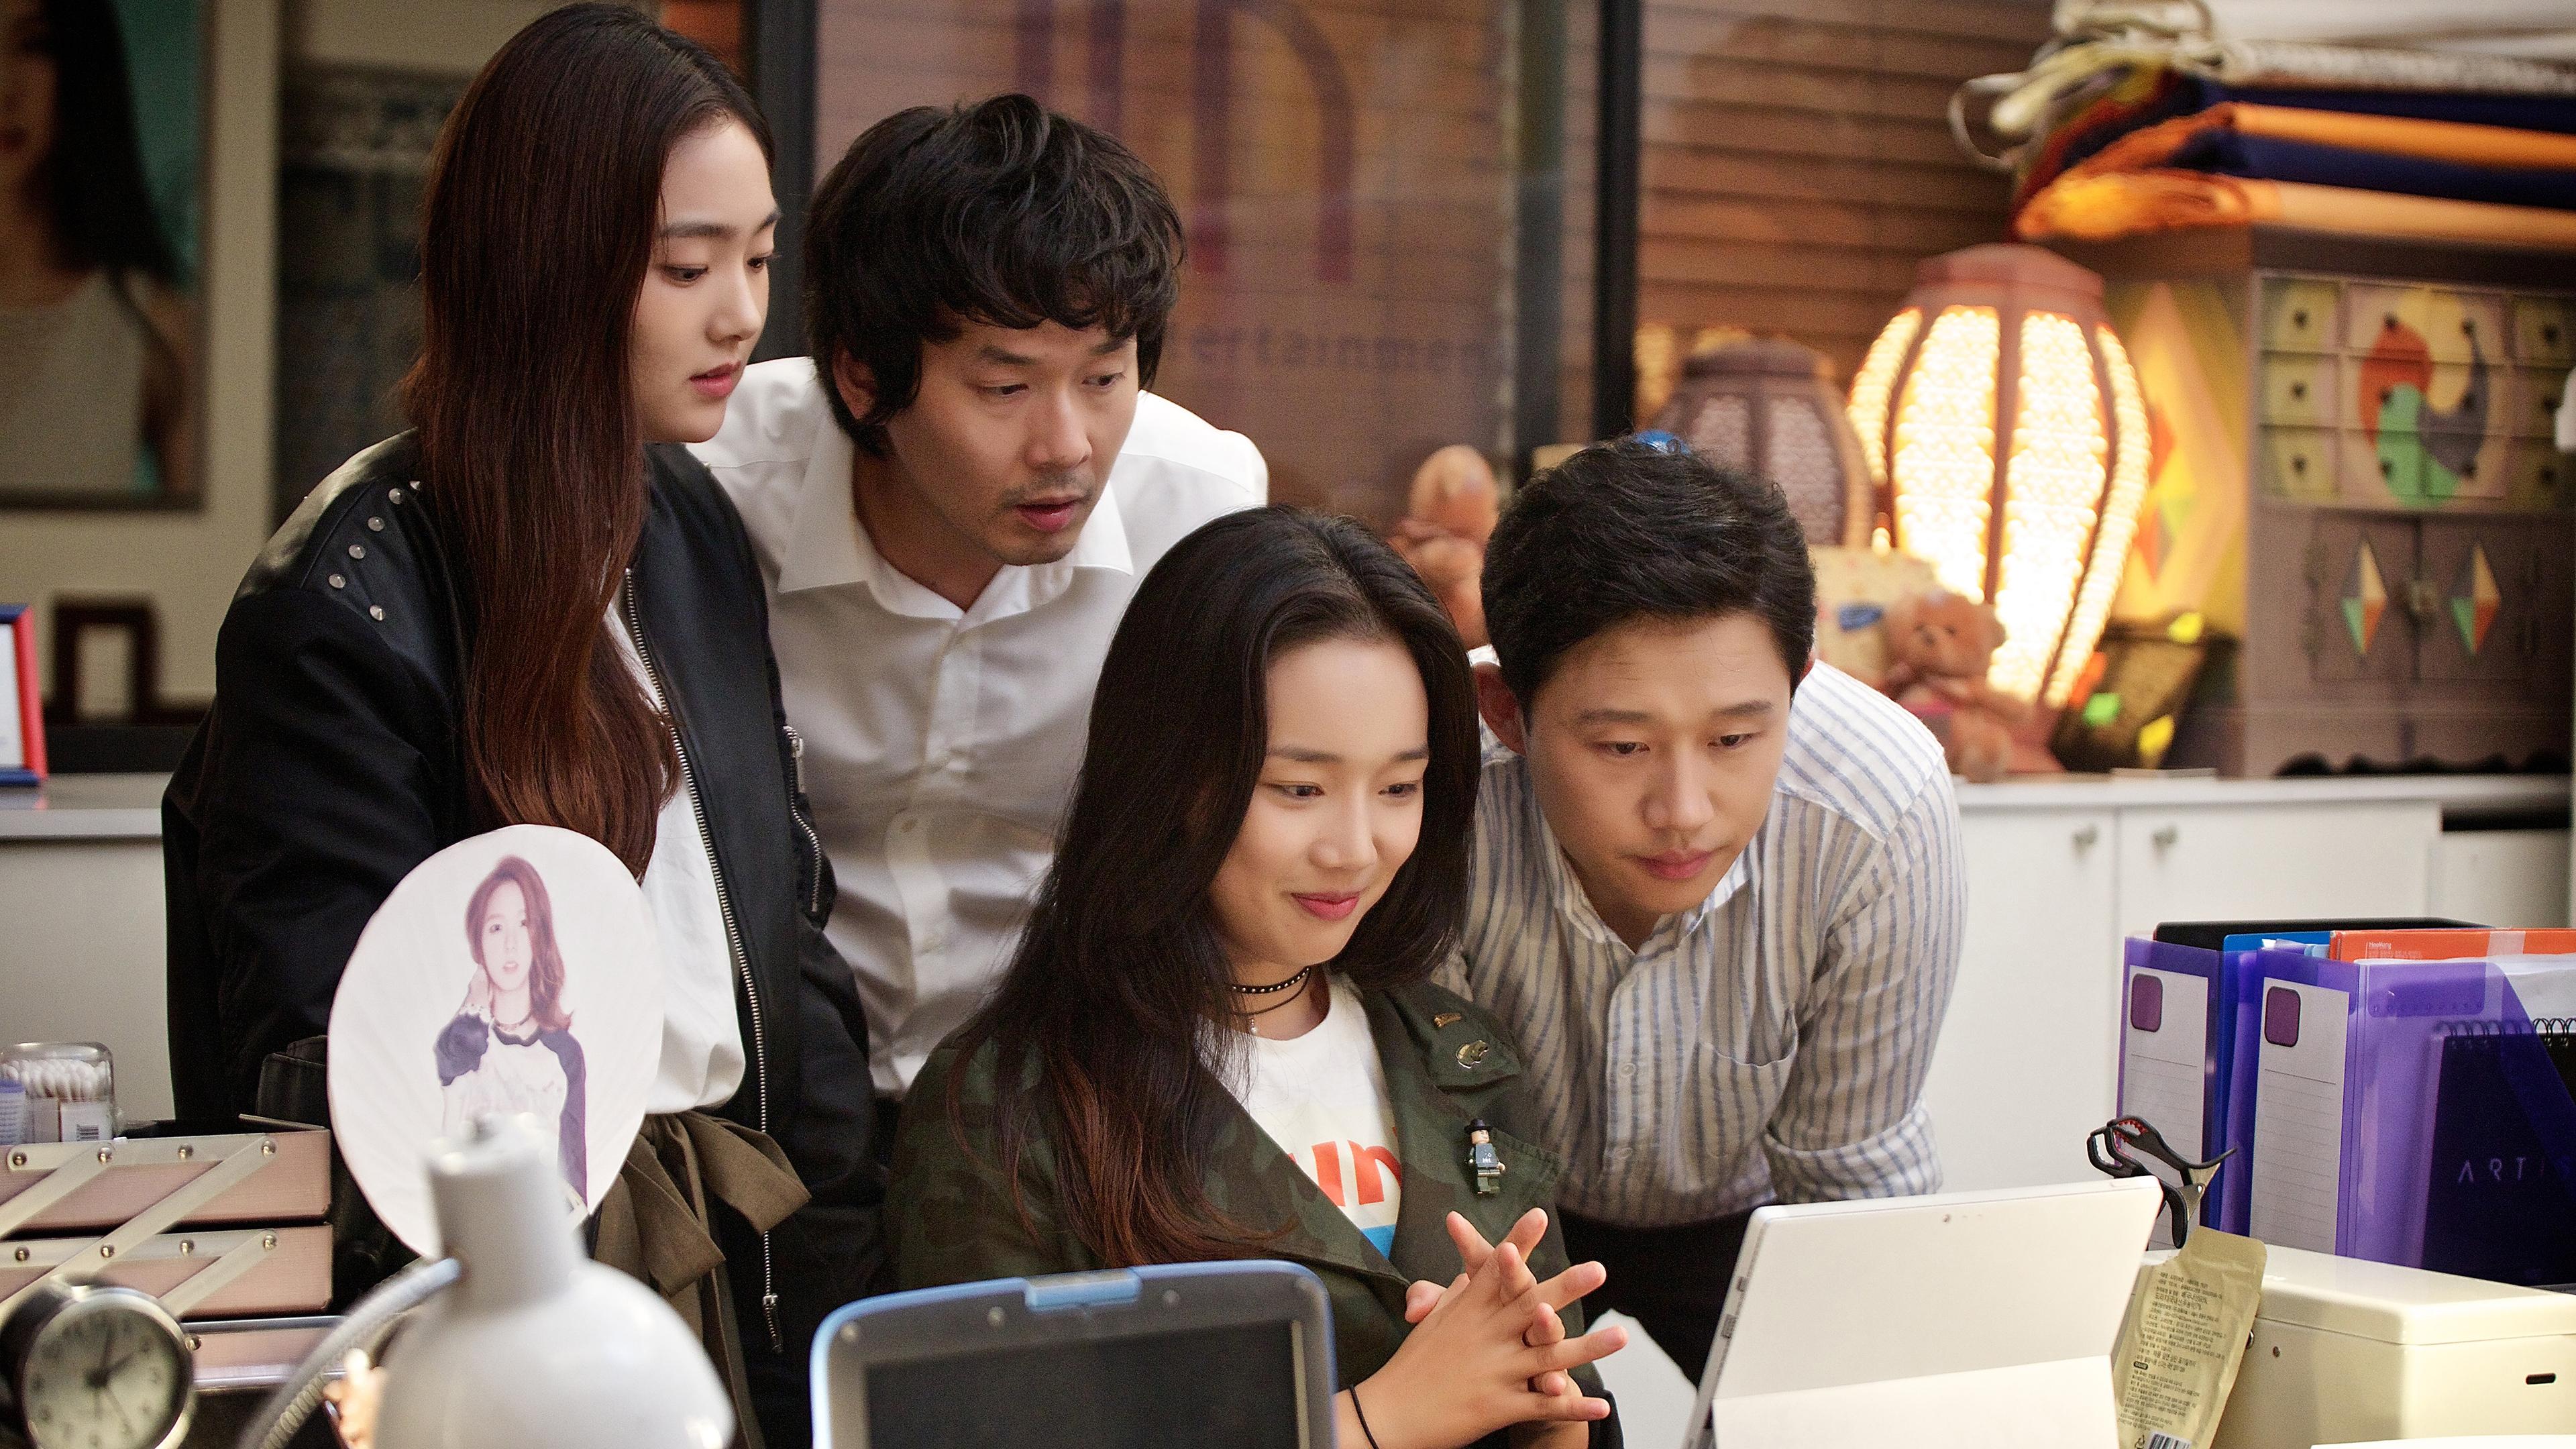 대세는모다 최유진 설찬미 김혜준 정연주 박종환 웹드라마